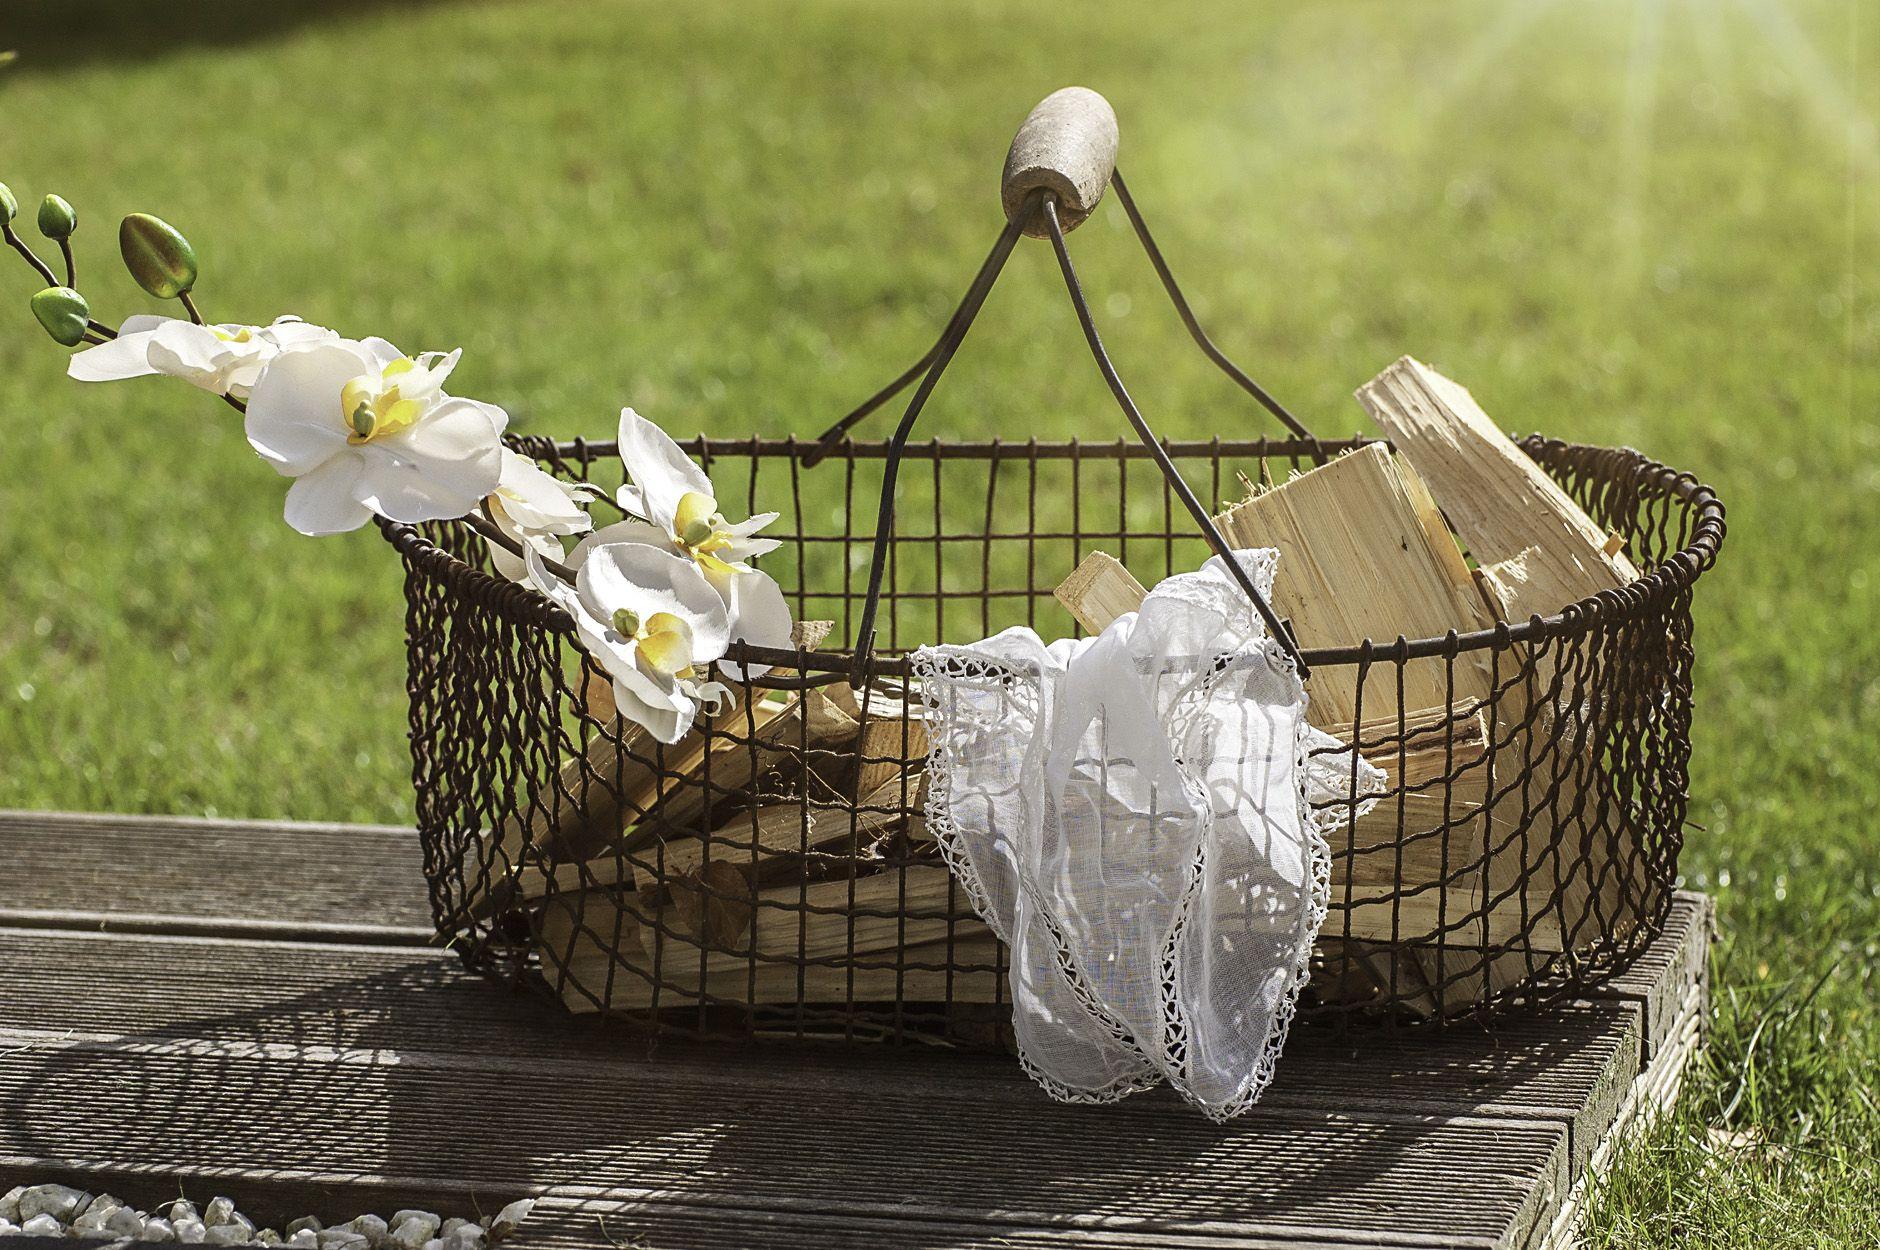 Drahtkorb | Dekorationsverleih für Hochzeiten, Familien- + ...